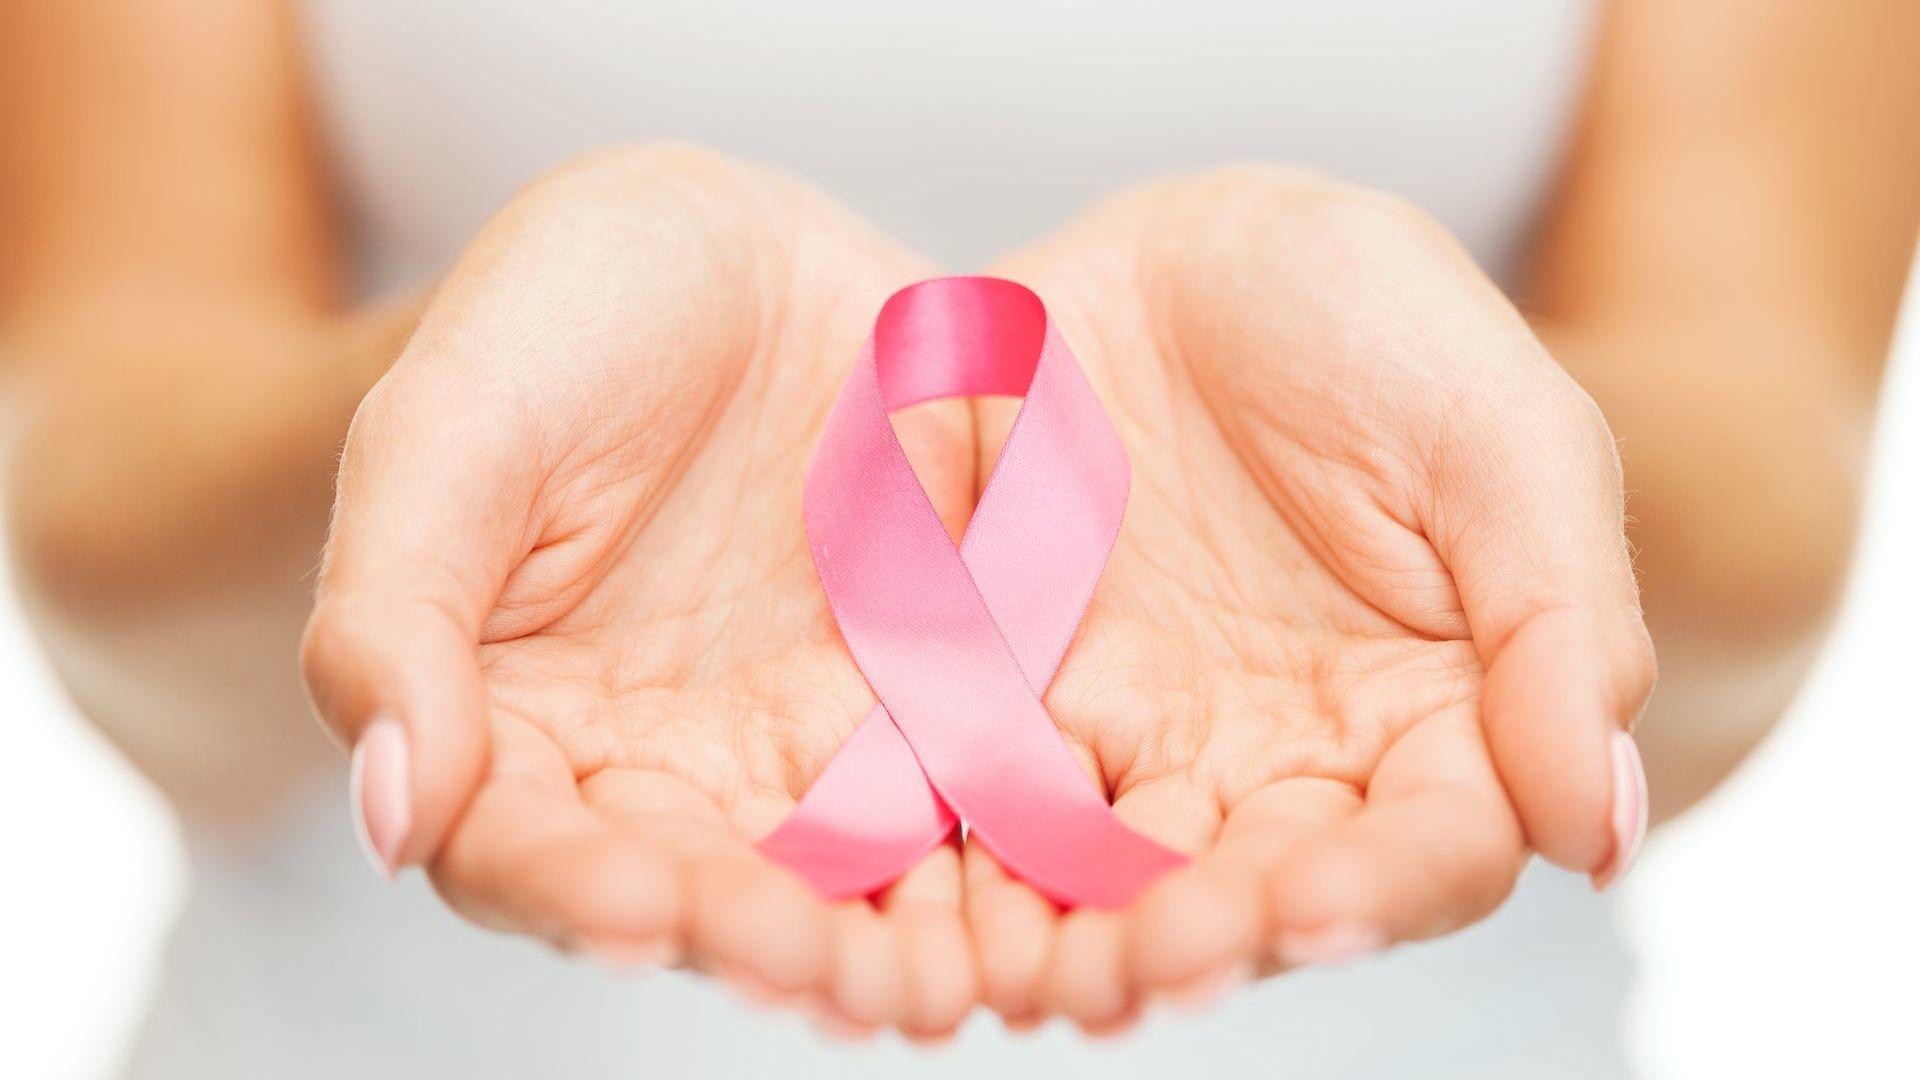 Kammel zachęca do samobadania piersi Kampania Fotolia 58302790 Subscription Monthly XXL